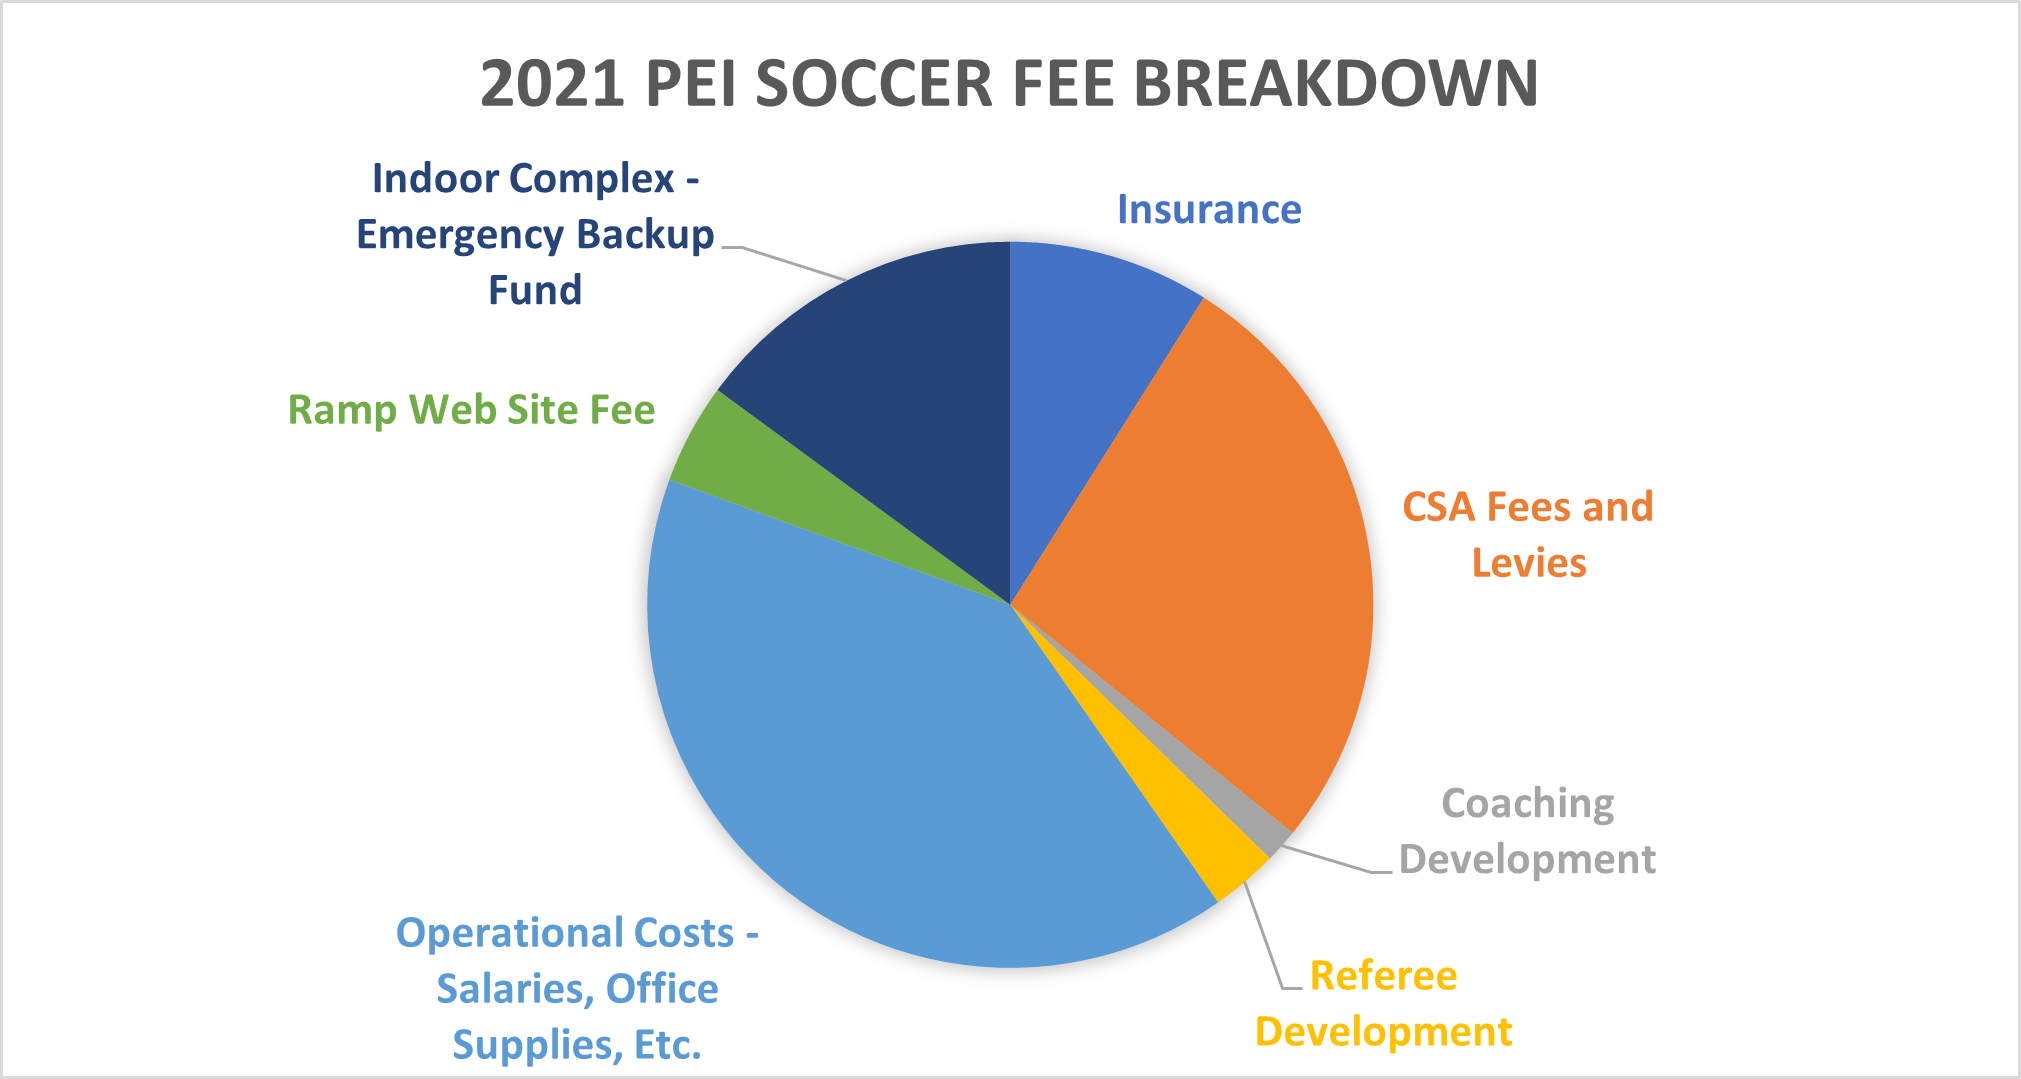 2021 PEI Soccer Fee Breakdown